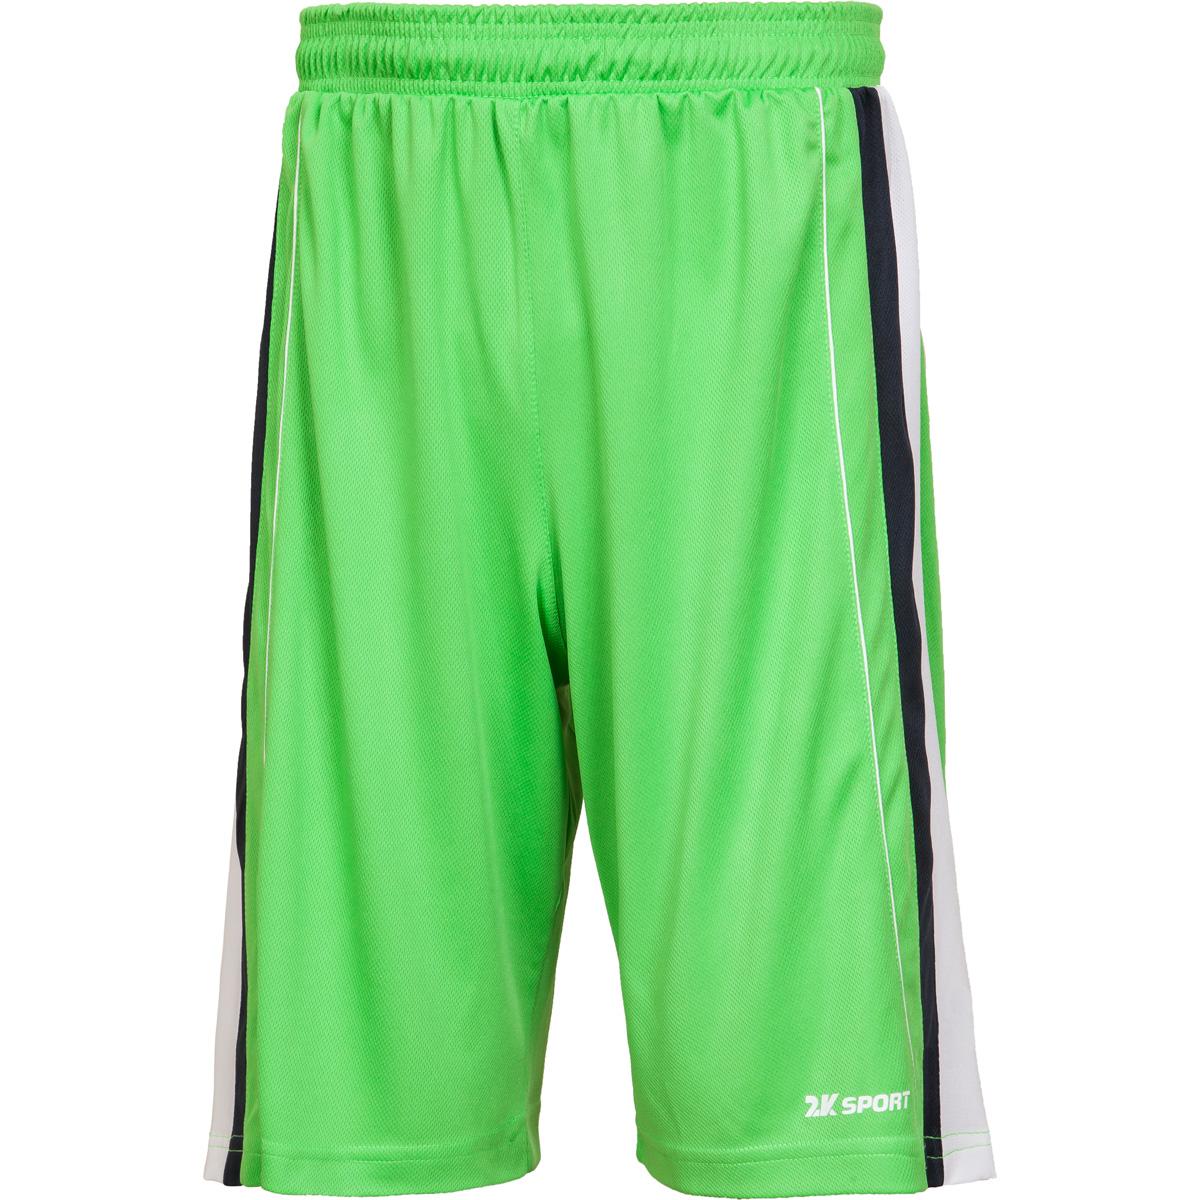 Шорты баскетбольные мужские 2K Sport Advance, цвет: светло-зеленый, темно-синий, белый. 130031. Размер XXXL (56) повязка капитанская 2k sport captain цвет светло зеленый черный